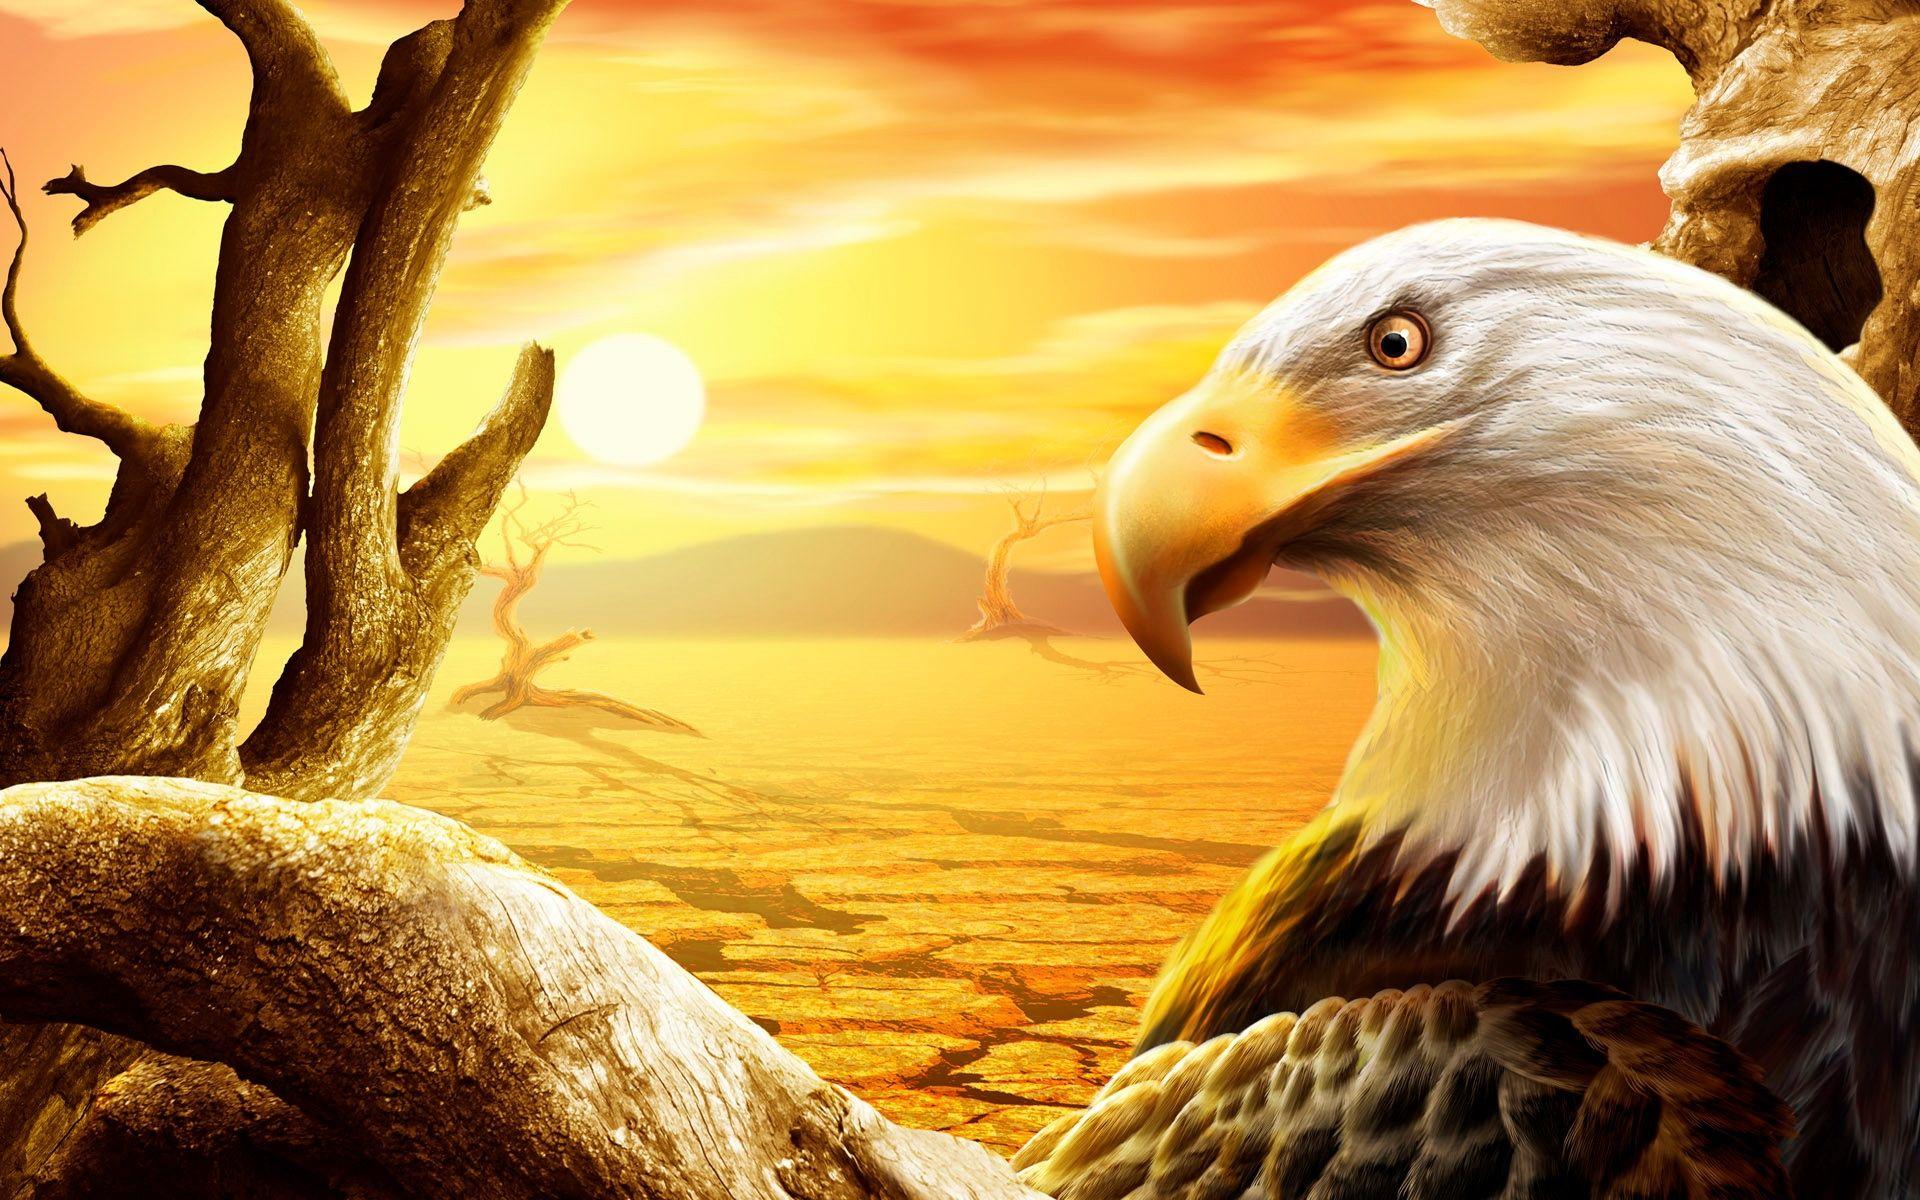 Eagle Wallpaper Images Pc Laptop Eagle Photos In Fhdkkc Eagle Wallpaper Eagle Images Bald Eagle